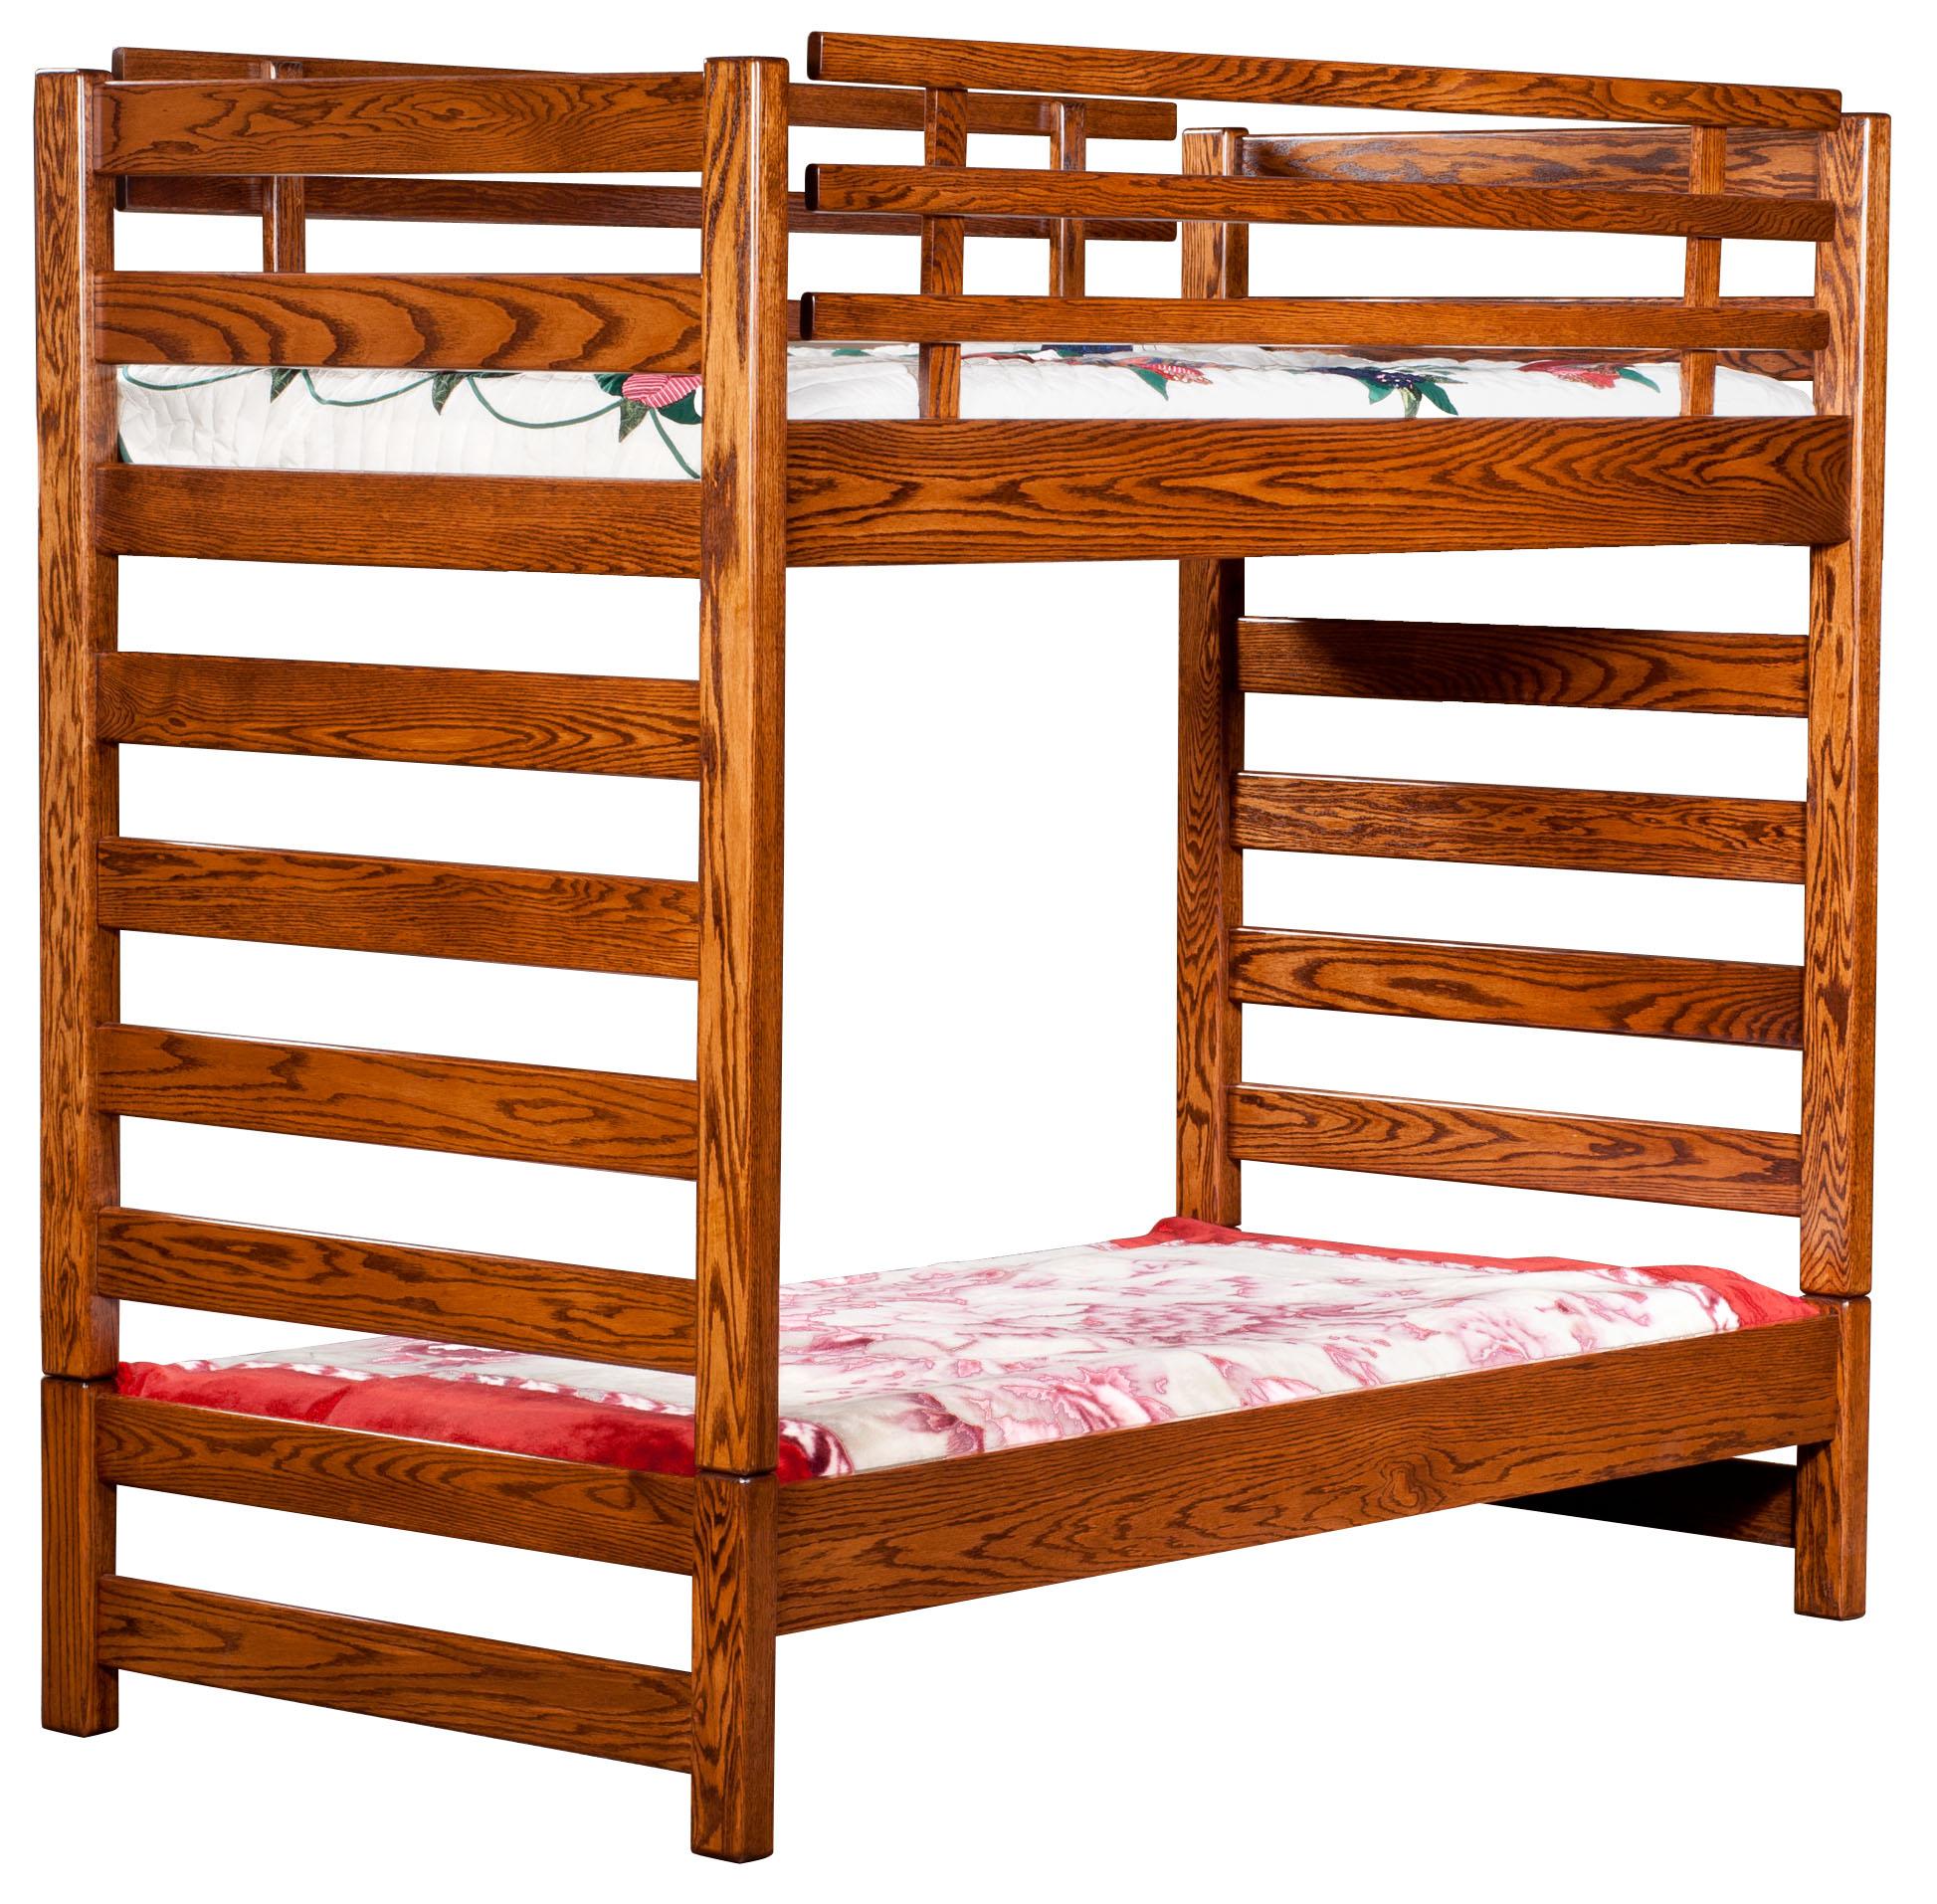 Ladder Loft Bunk Bed Amish Direct Furniture